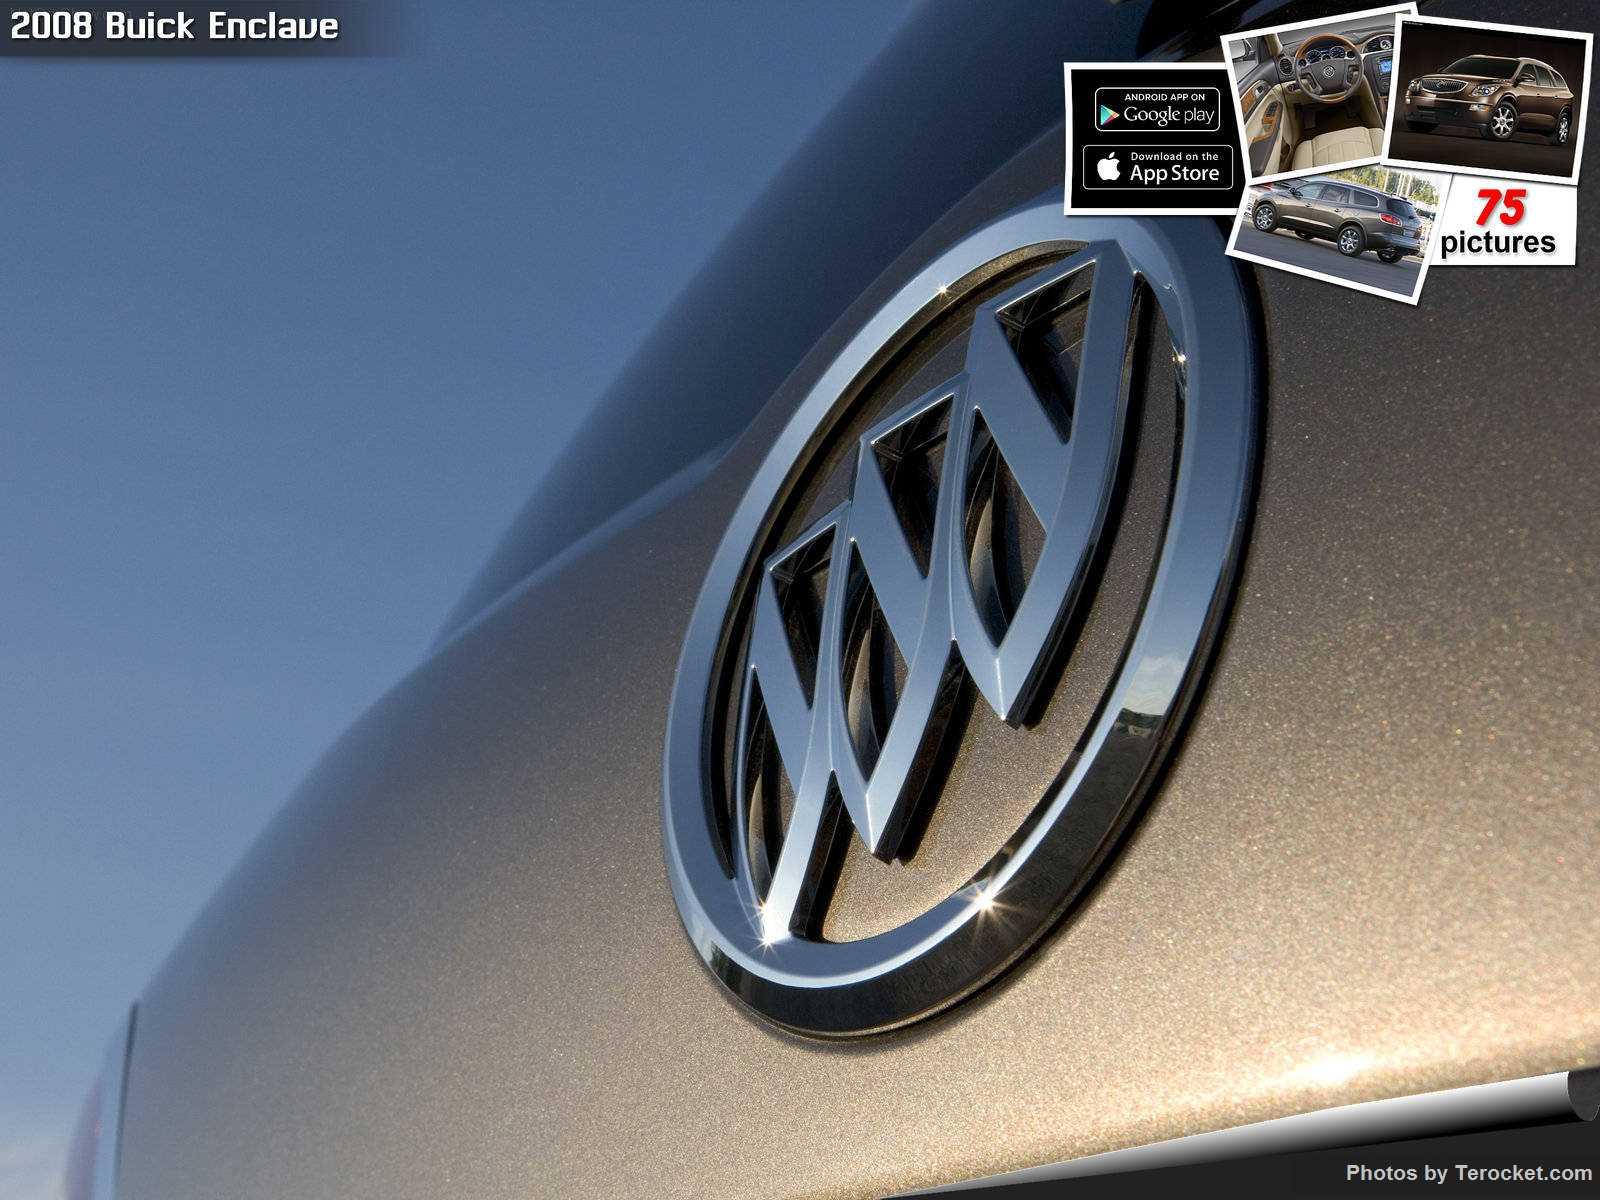 Hình ảnh xe ô tô Buick Enclave 2008 & nội ngoại thất